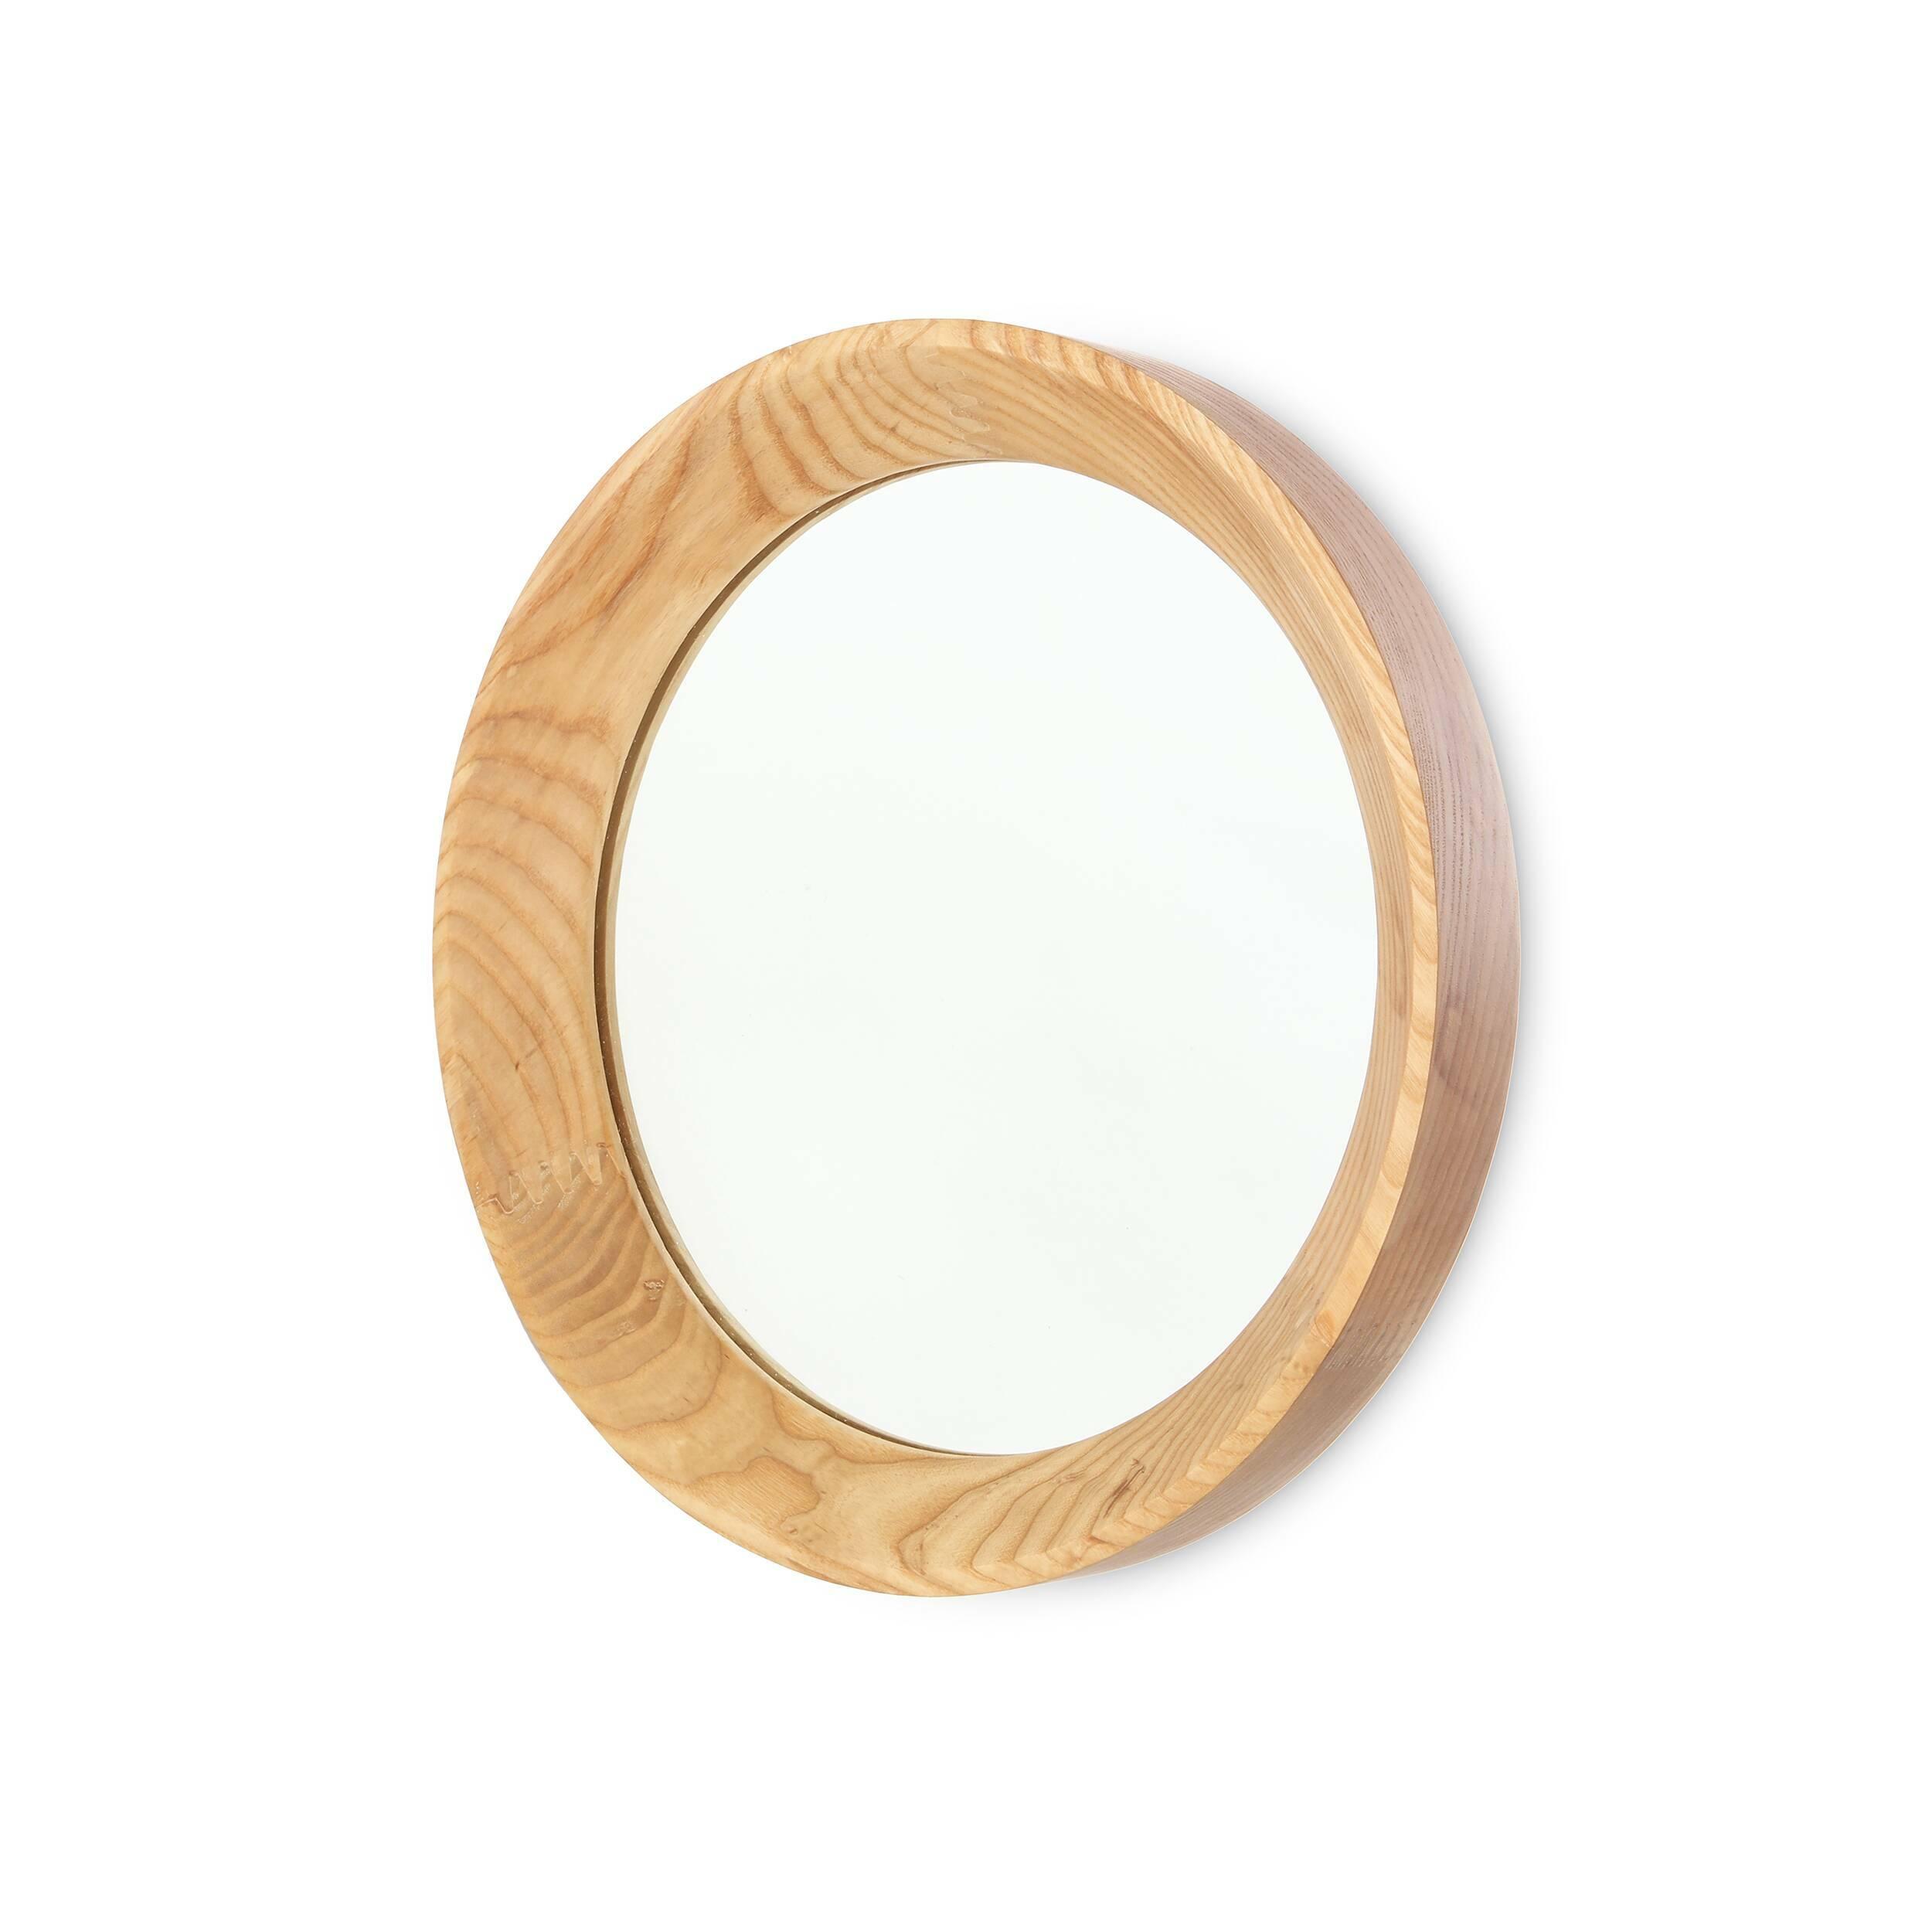 Настенное зеркало Velodrome круглоеНастенные<br>Настенное зеркало Velodrome круглое появилось благодаря тому, что однажды известный дизайнер Шон Дикс обратил свой творческий взгляд на покрытие велотрека на велодроме. И тогда ему в голову пришла мысль, что форма и текстура велотрассы напоминают раму для зеркала.<br><br><br><br> Предметы, которые вдохновляют дизайнеров на создание своих шедевров, иногда встречаются в самых неожиданных местах. Так устроен мозг гениев и талантливых людей. Они могут увидеть чудо или даже сделать открытие благодар...<br><br>stock: 0<br>Высота: 5<br>Материал: Ясень<br>Цвет: Натуральный<br>Диаметр: 37